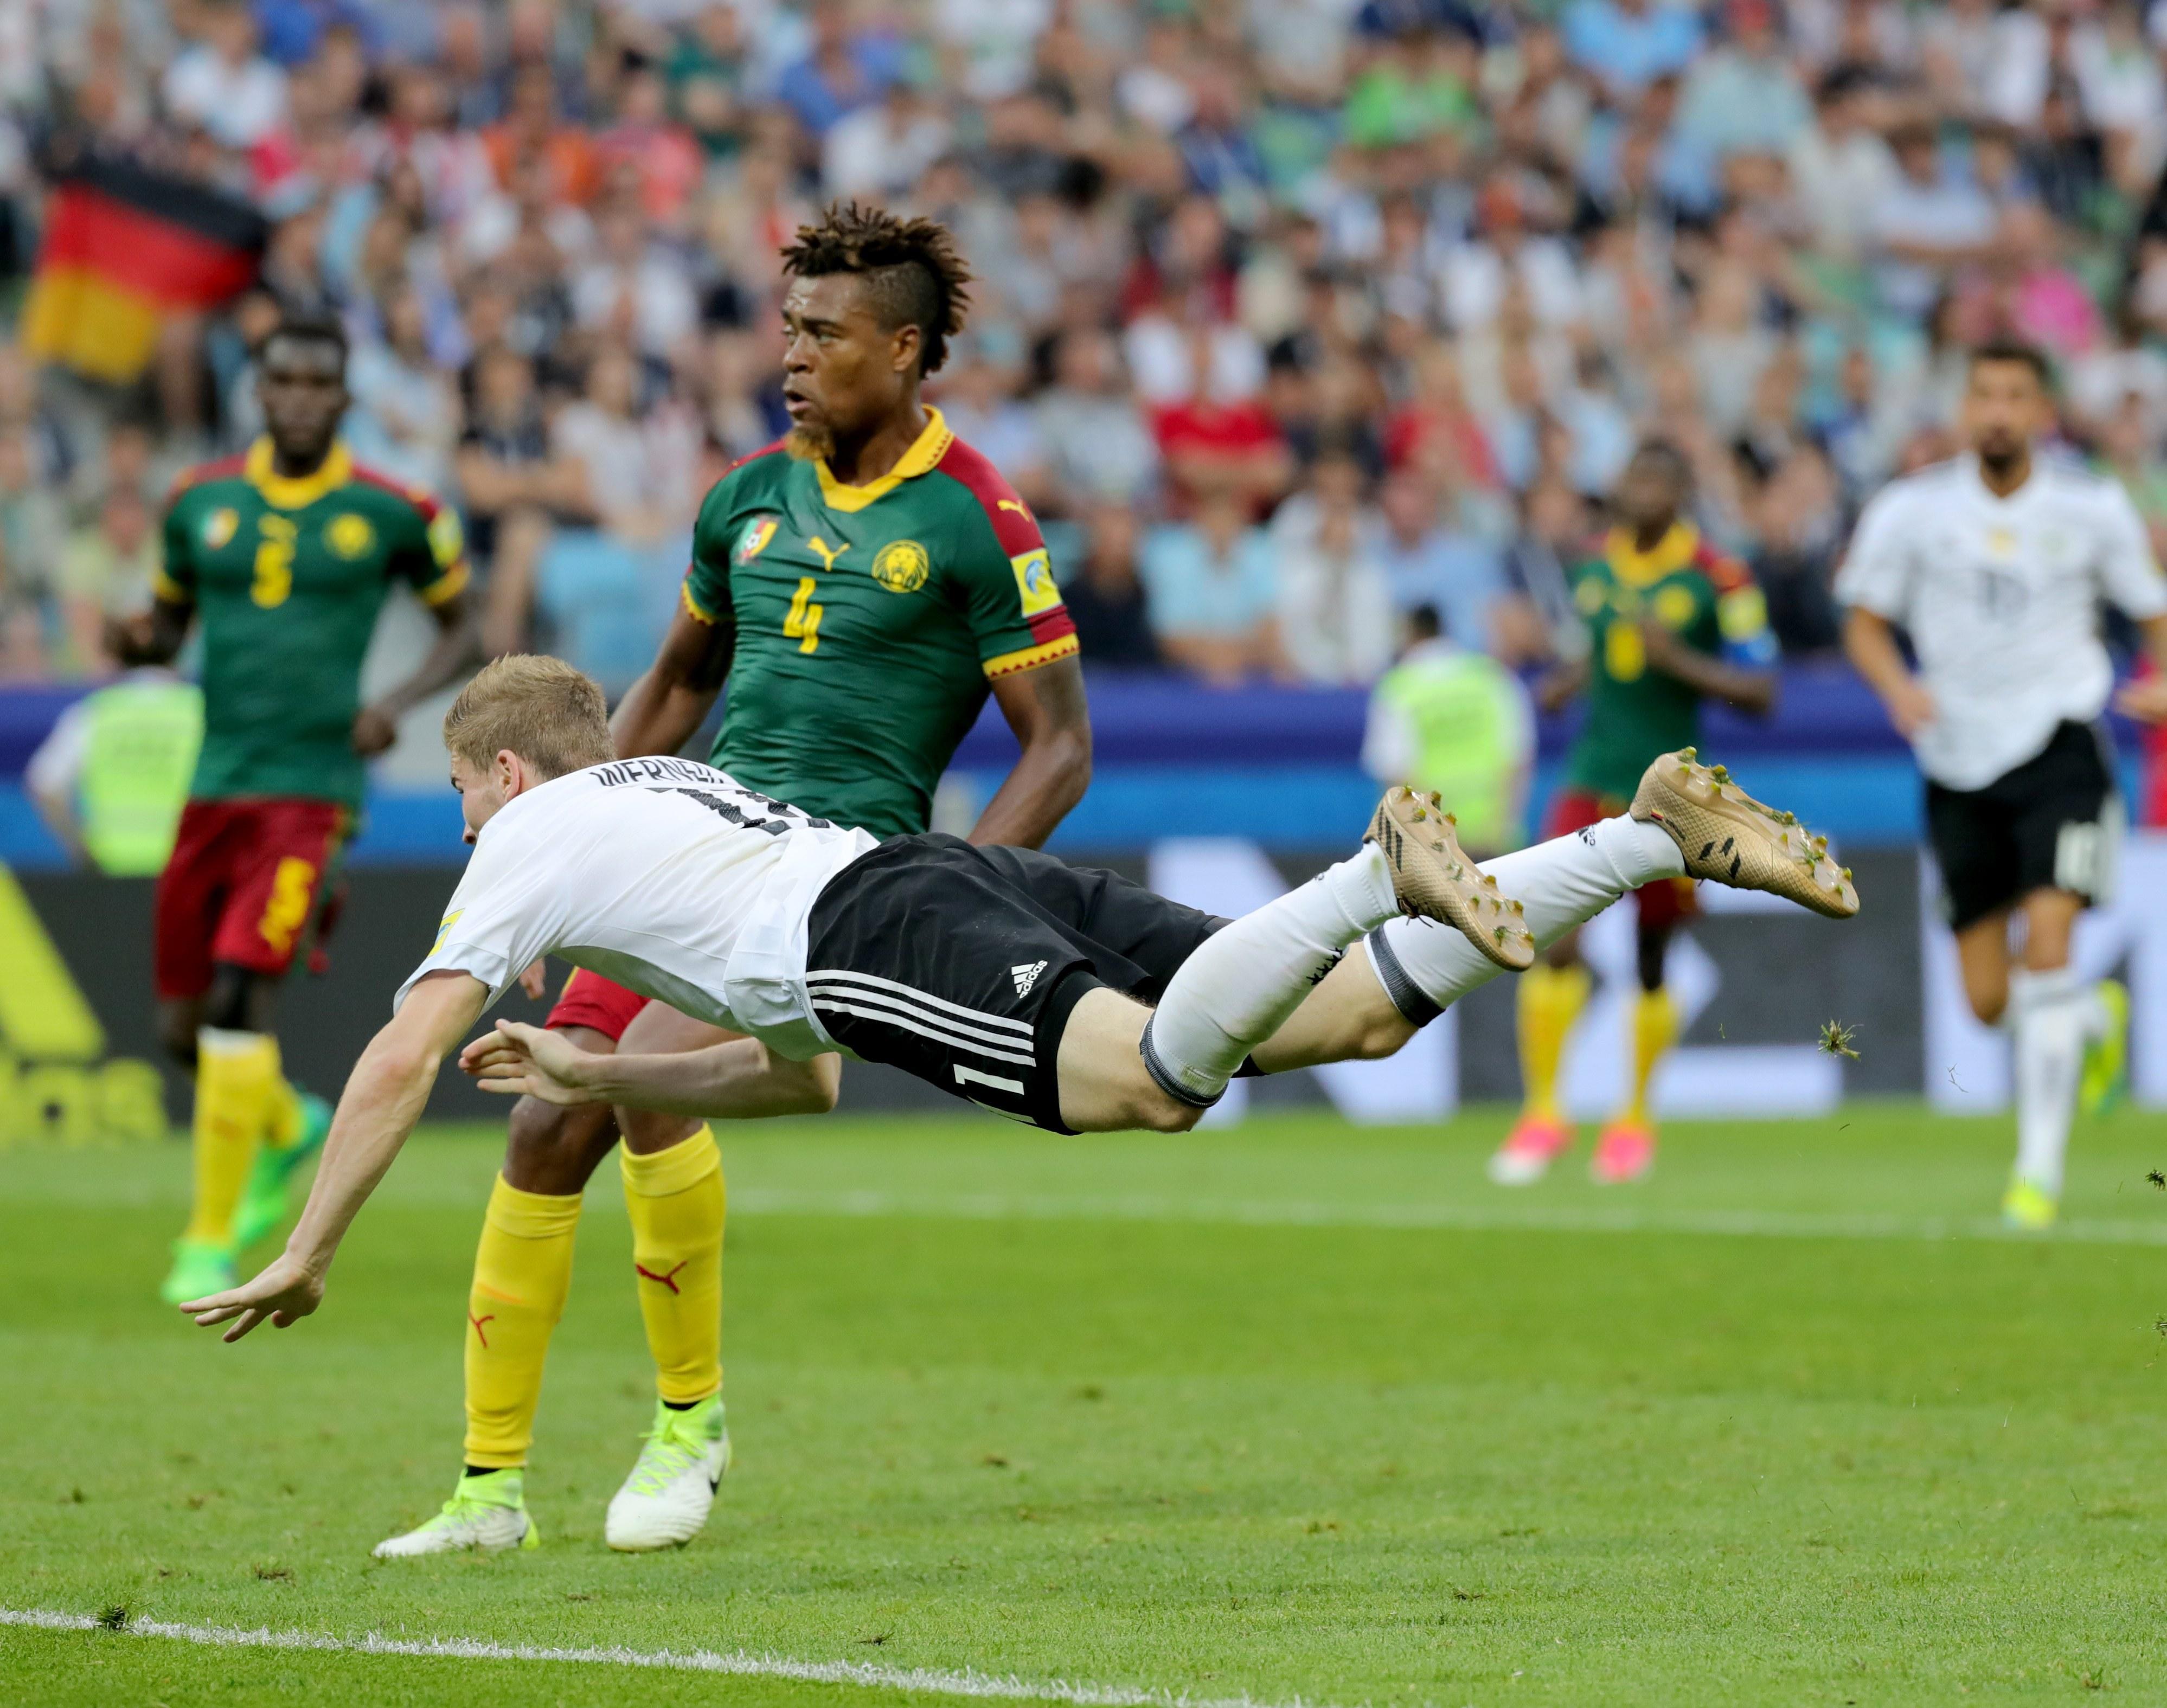 Alemanha garante 1.º lugar do grupo com vitória fácil sobre os Camarões